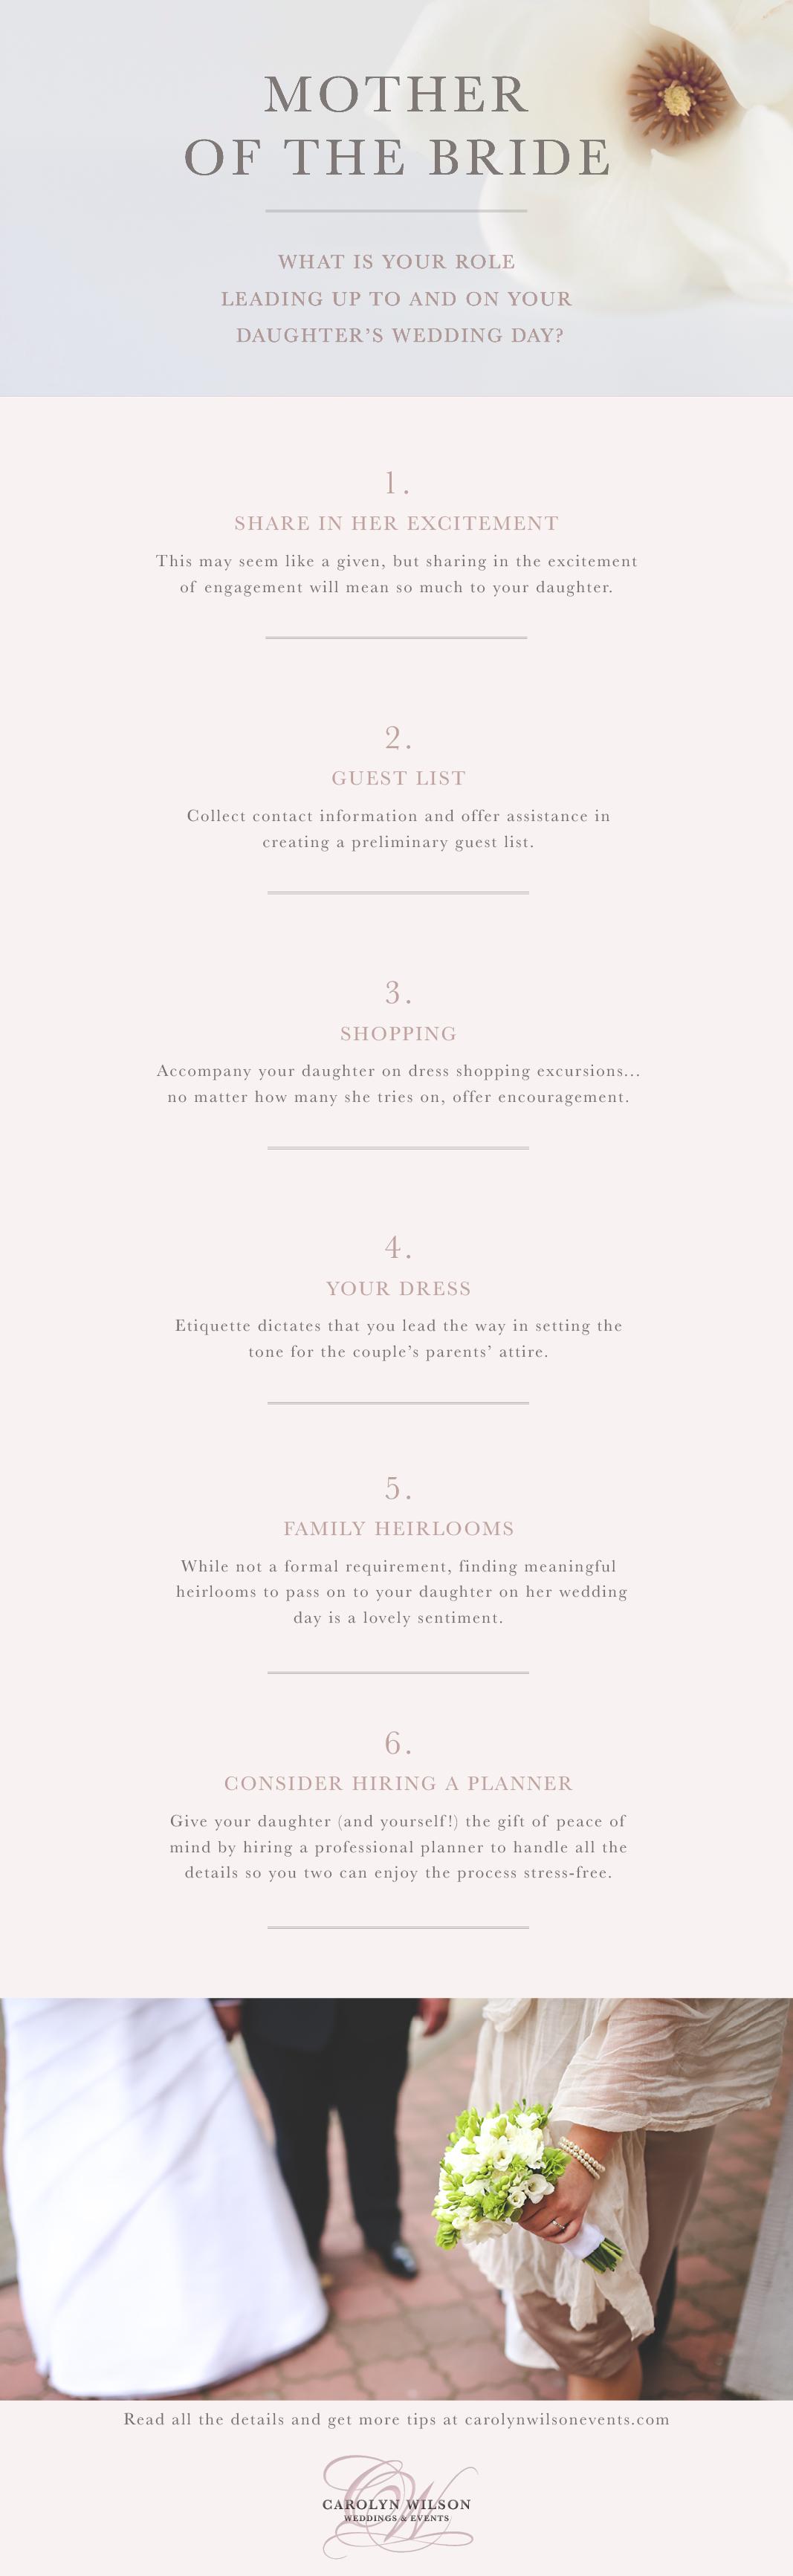 San Francisco Bay Area Wedding Planner